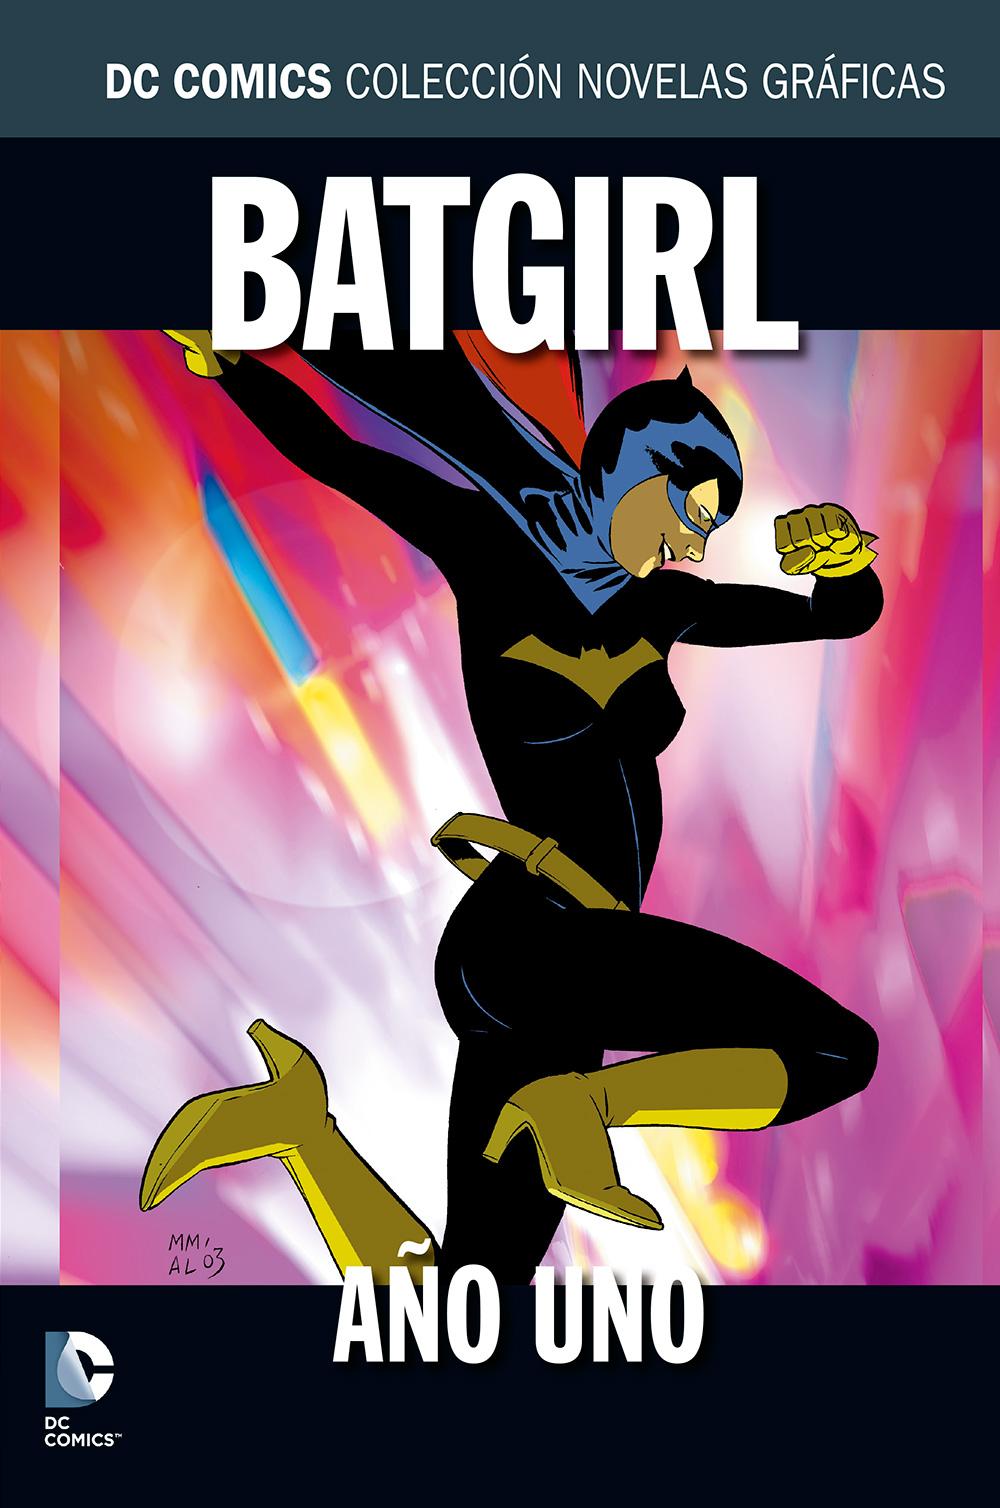 851 - [DC - Salvat] La Colección de Novelas Gráficas de DC Comics  - Página 5 SF118_037_01_001